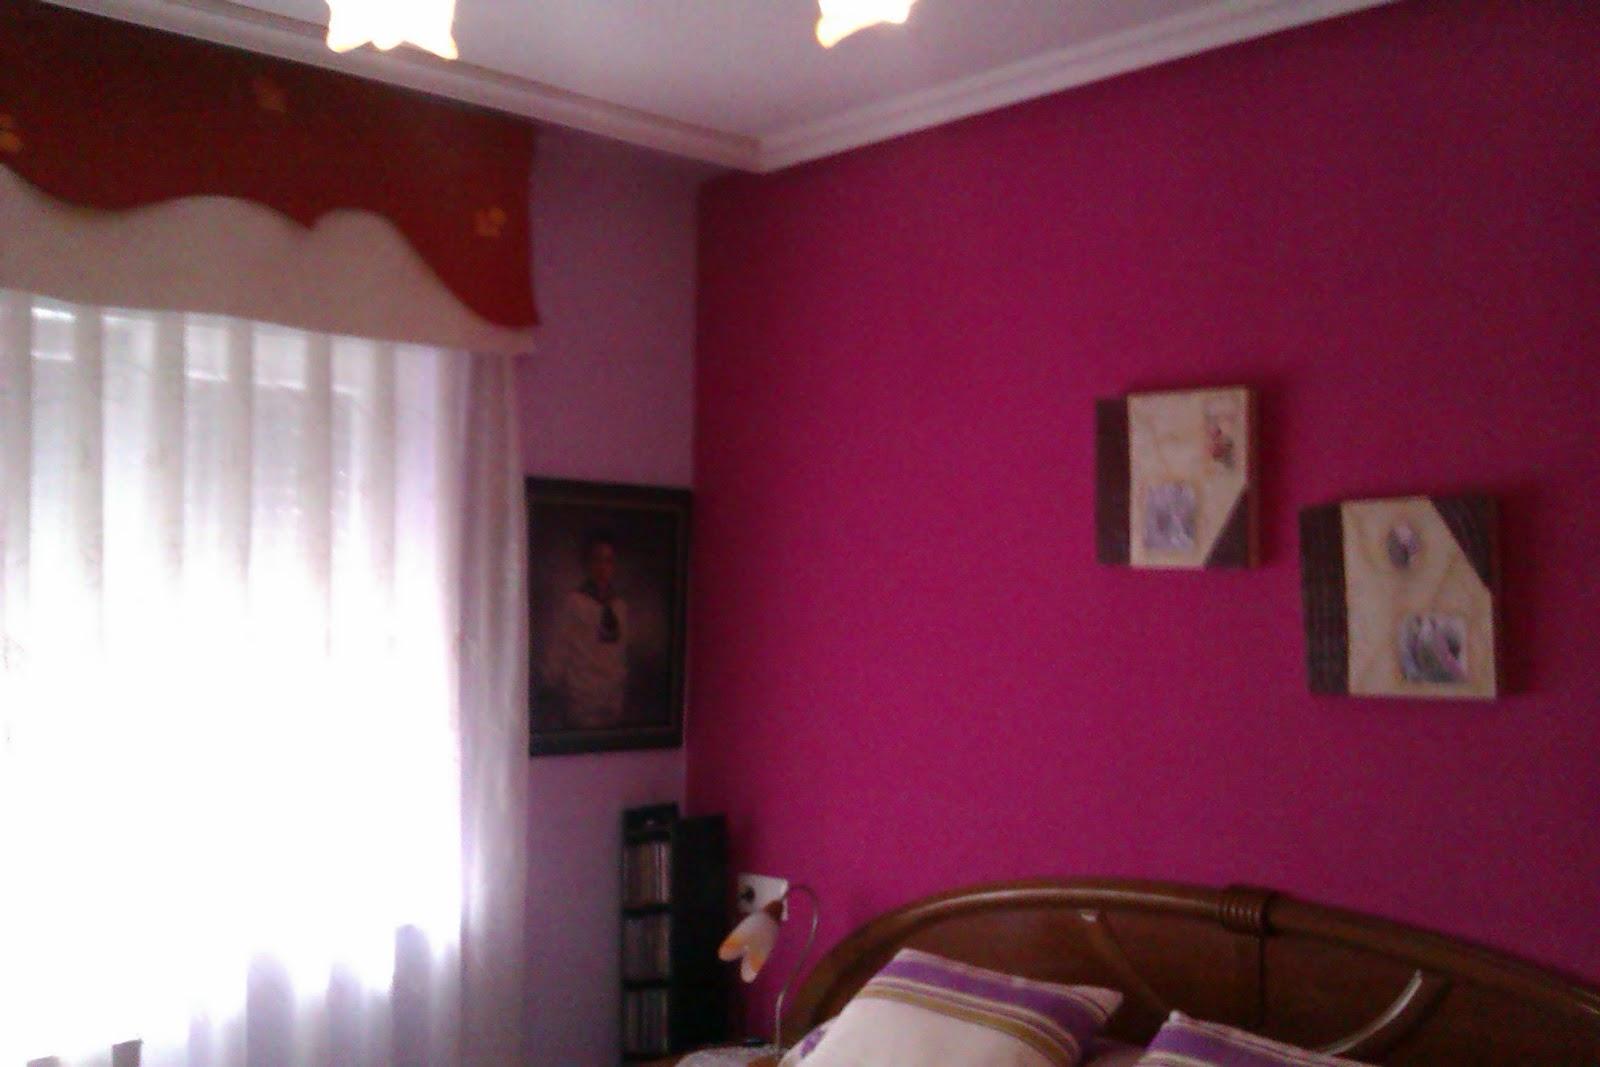 Pinturas y decoraciones ruben obra 5 pintura interior y - Pintura antihumedad interior ...